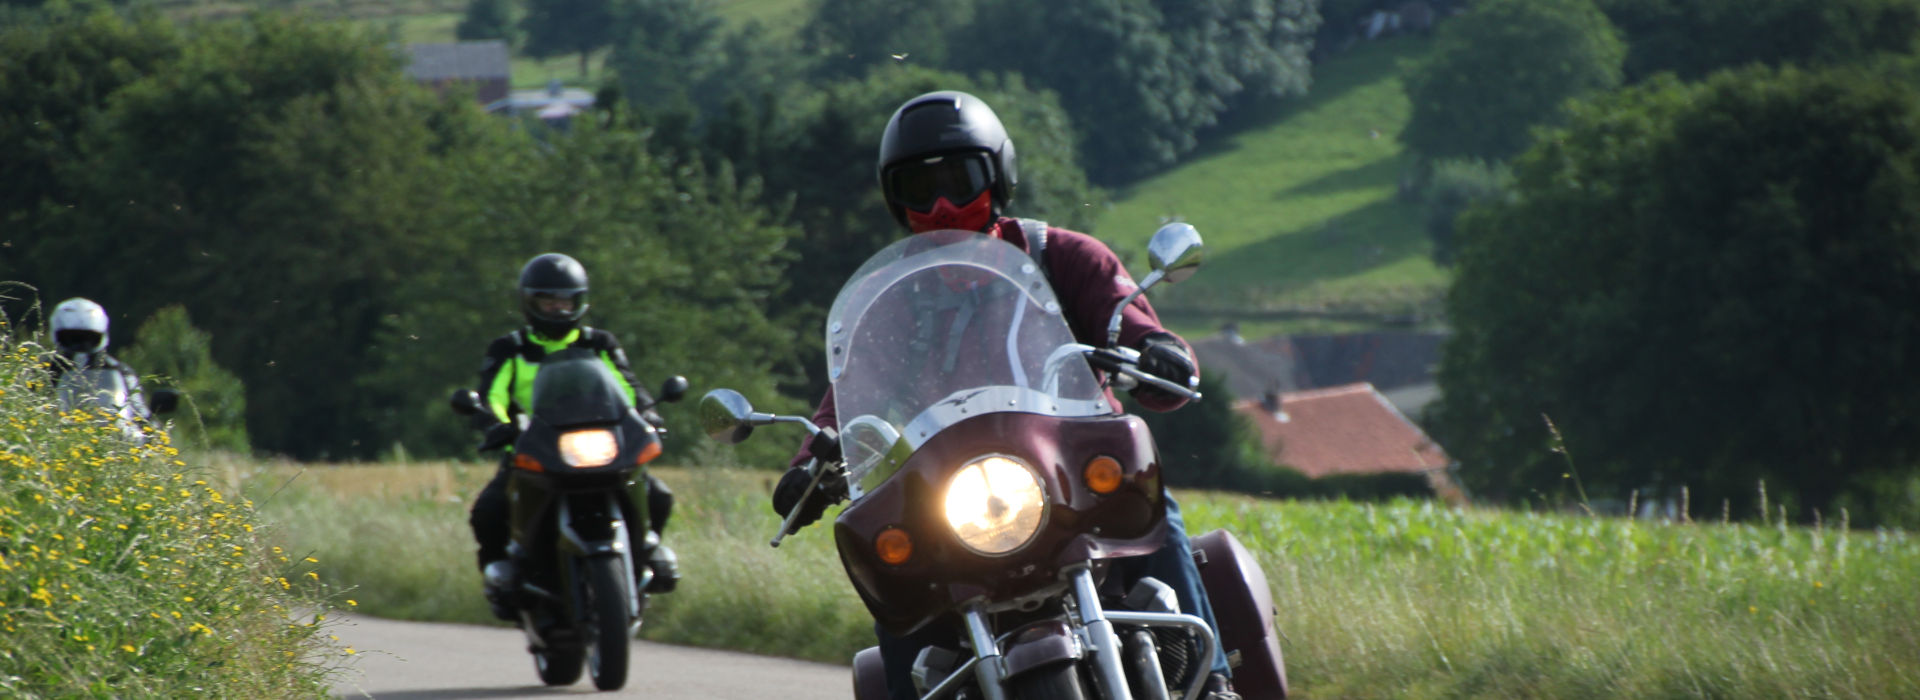 Motorrijbewijspoint Merkelbeek snel motorrijbewijs halen